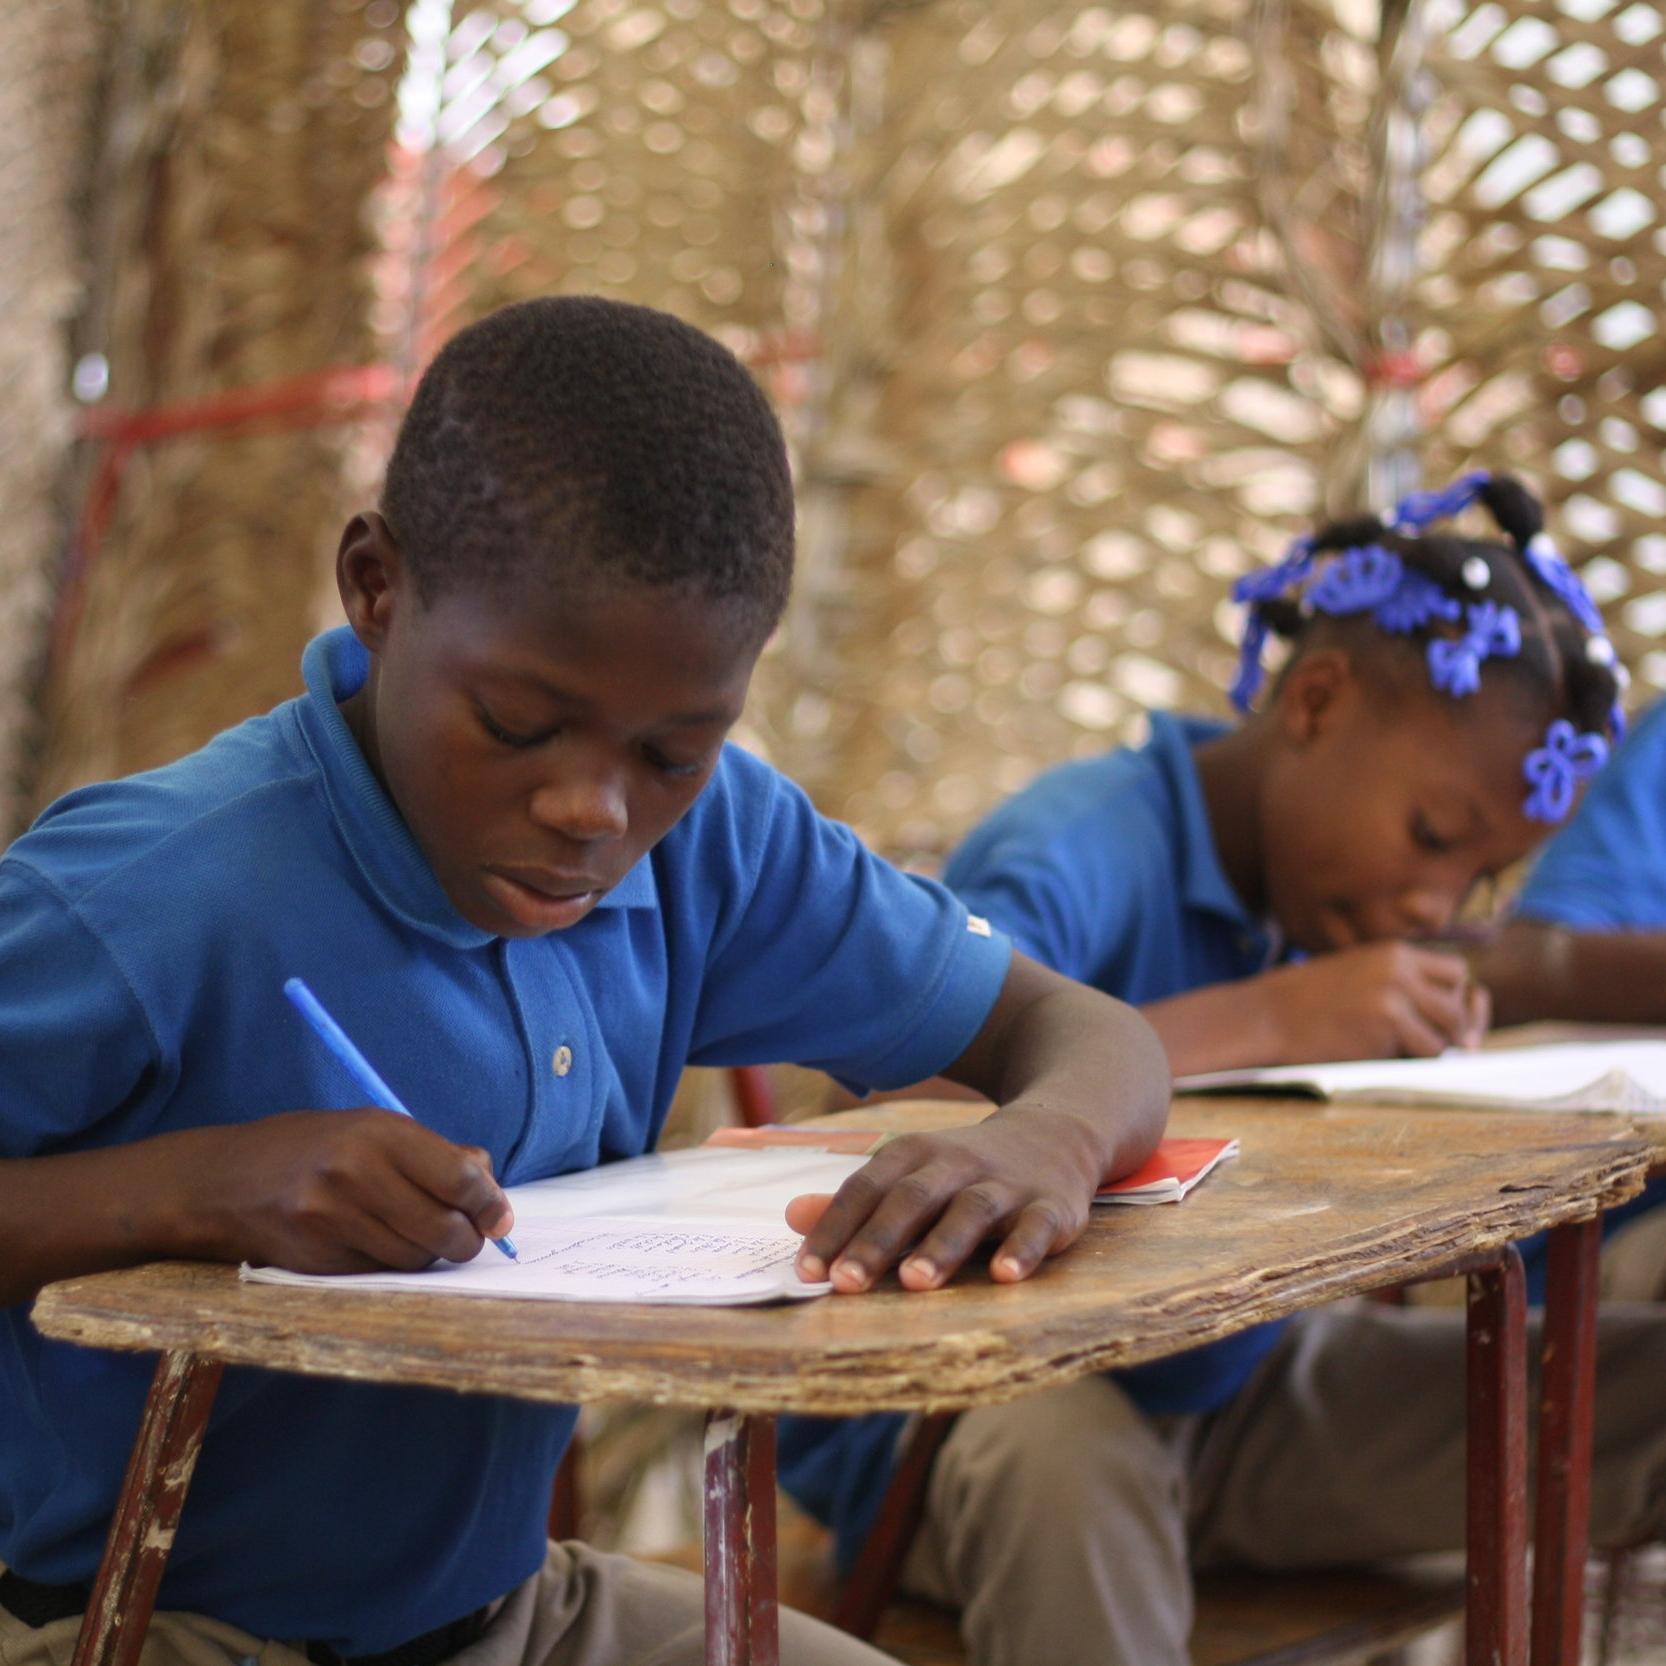 PROGRAMA ESCOLAR AYMY - La escuela de AYMY acoge a niños con un retraso educativo. Sigue un programa escolar de dos cursos por año con el fin de facilitar la incorporación de los niños en cursos de formación profesional y/o estudios superiores.